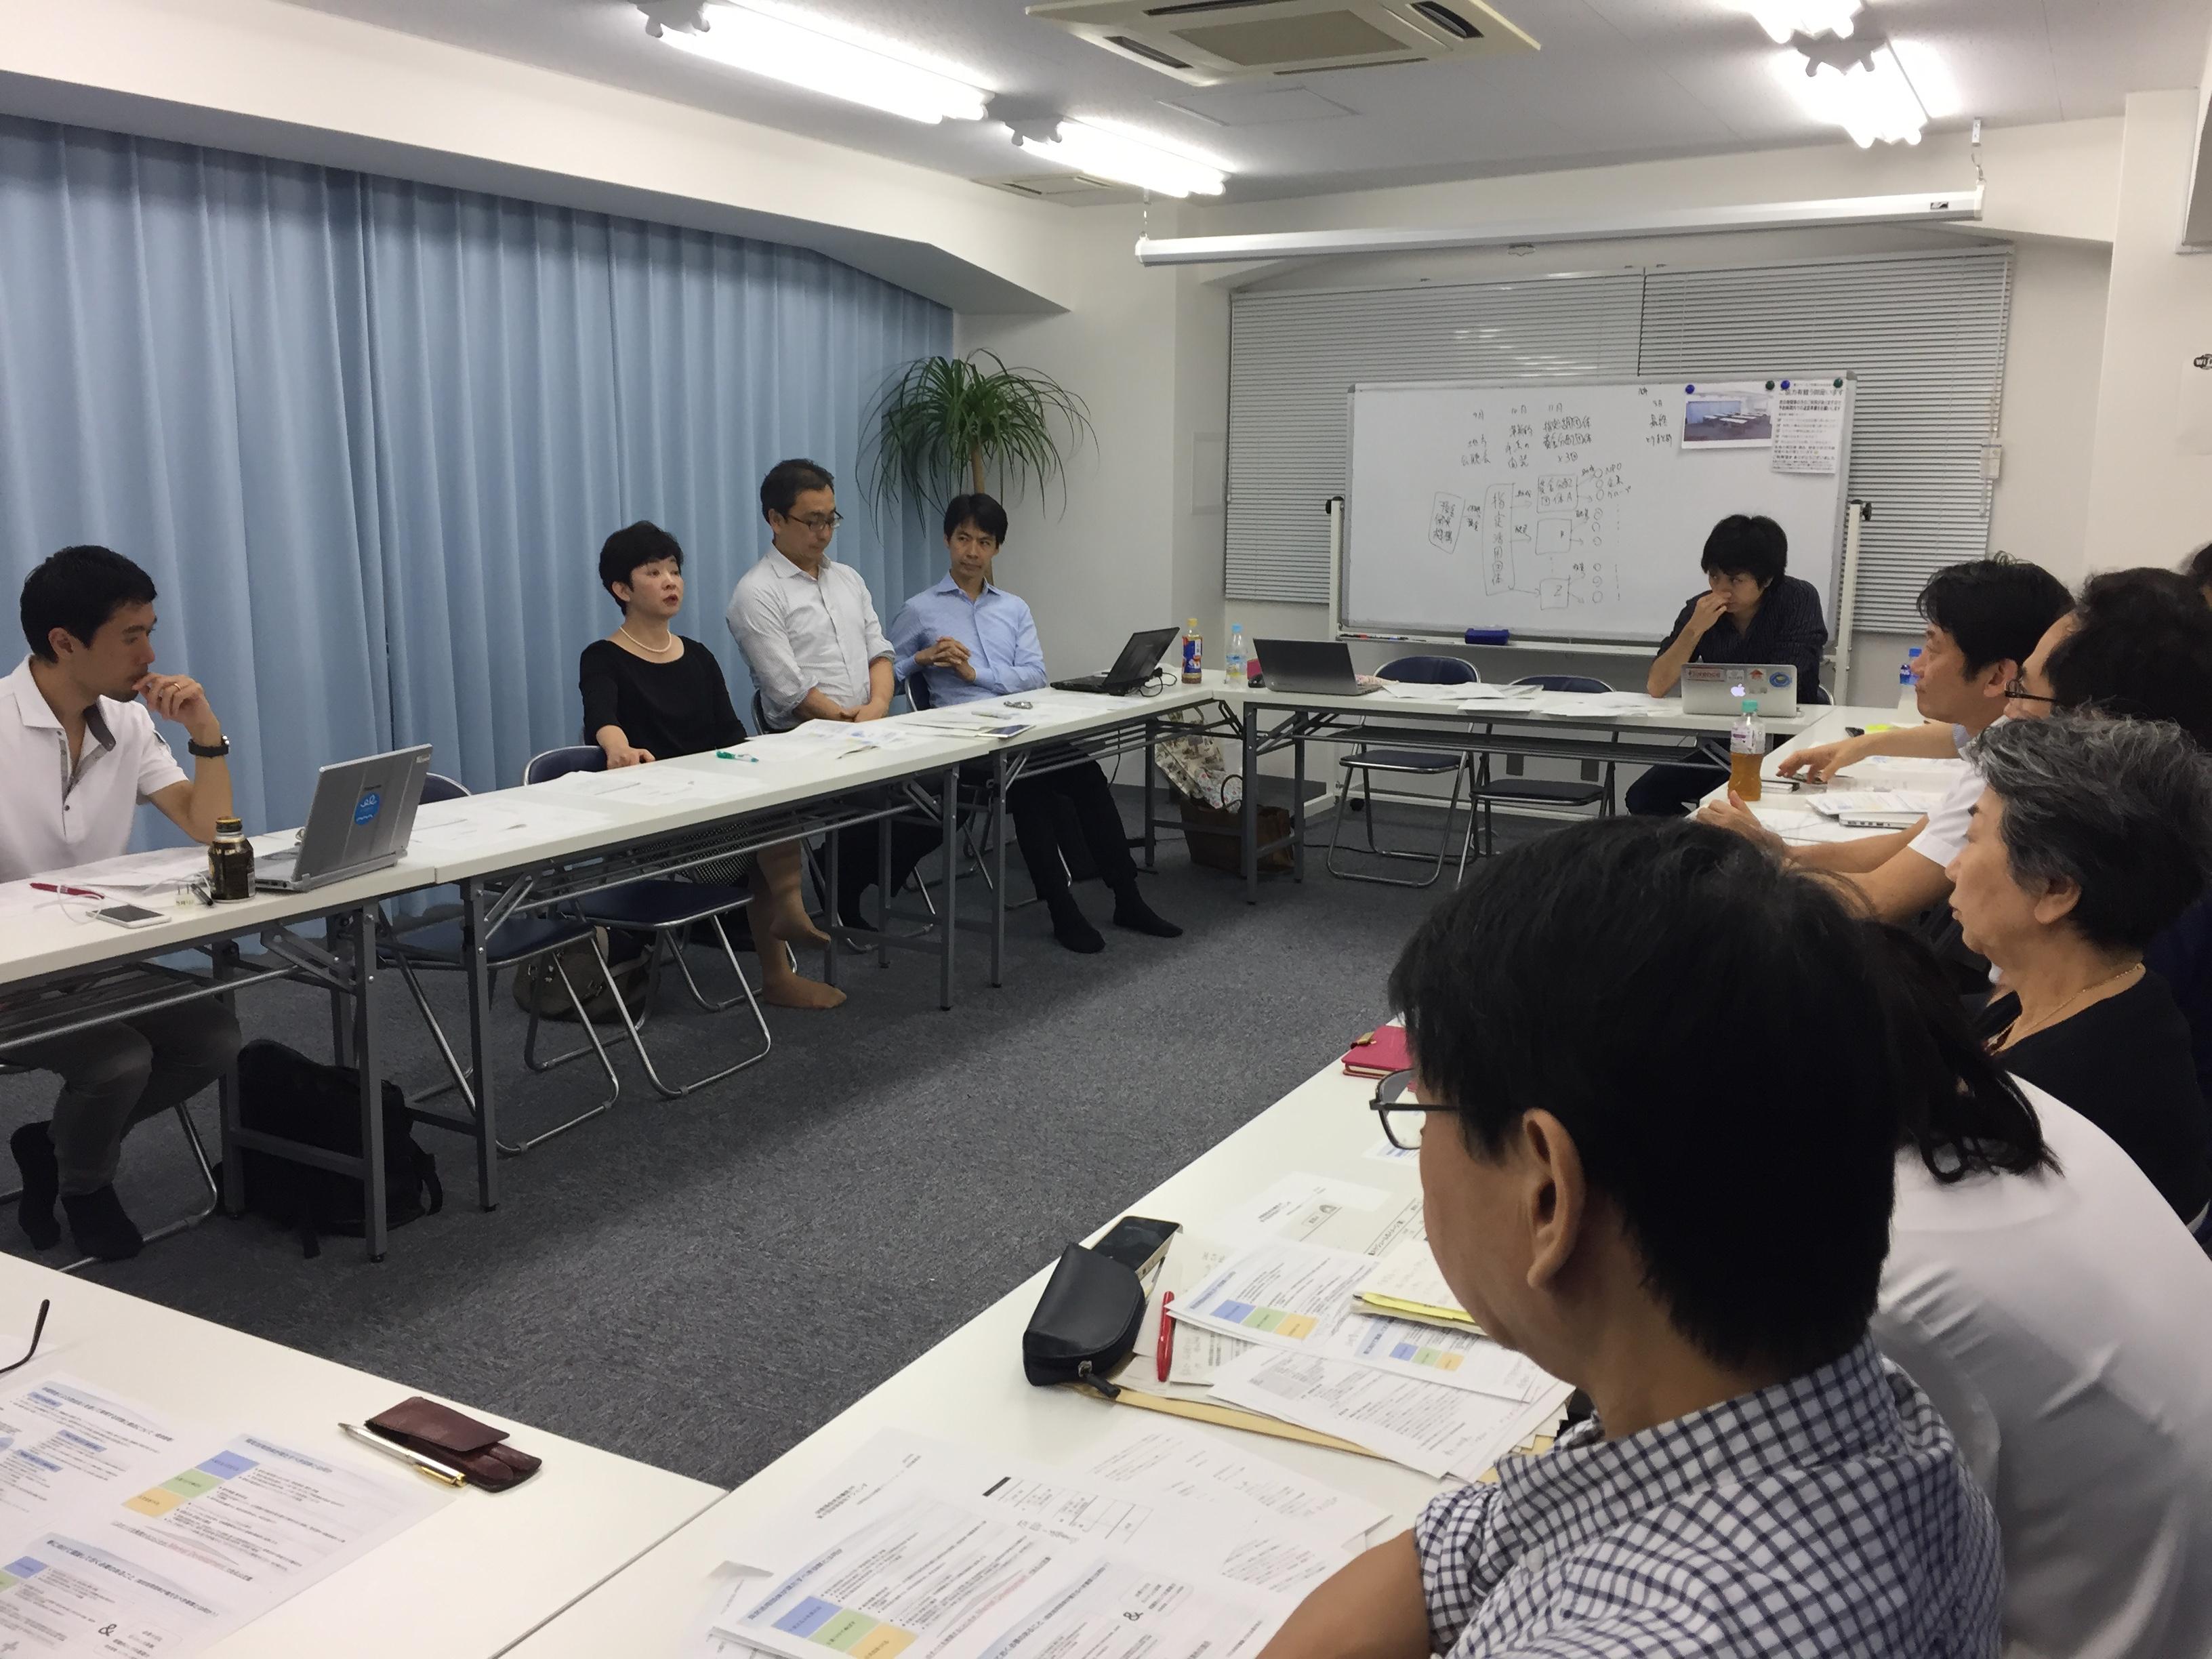 http://kyumin.jp/media/2017-09-06%2017%2038%2035.jpg